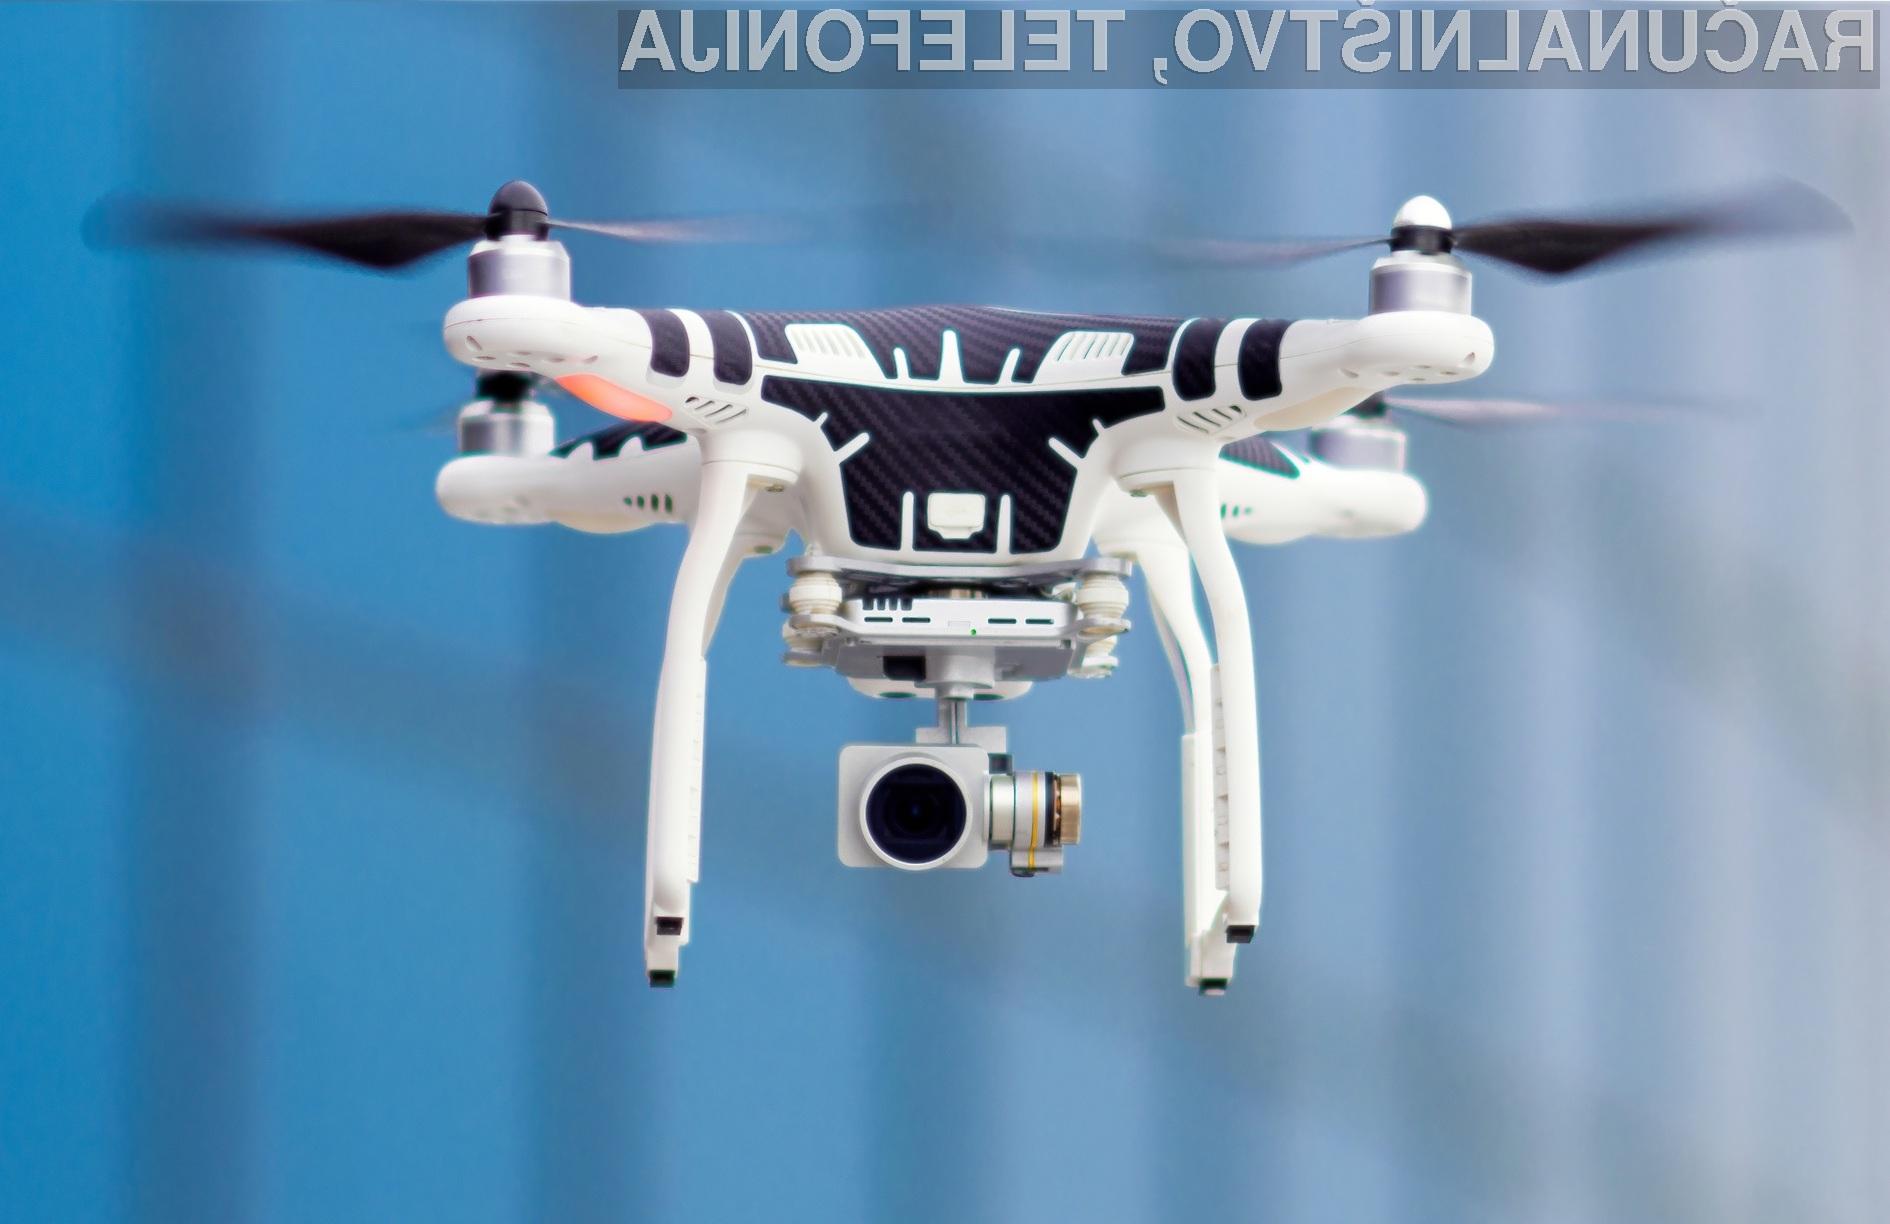 Zaradi dronov je naša zasebnost ogrožena že na vsakem koraku.